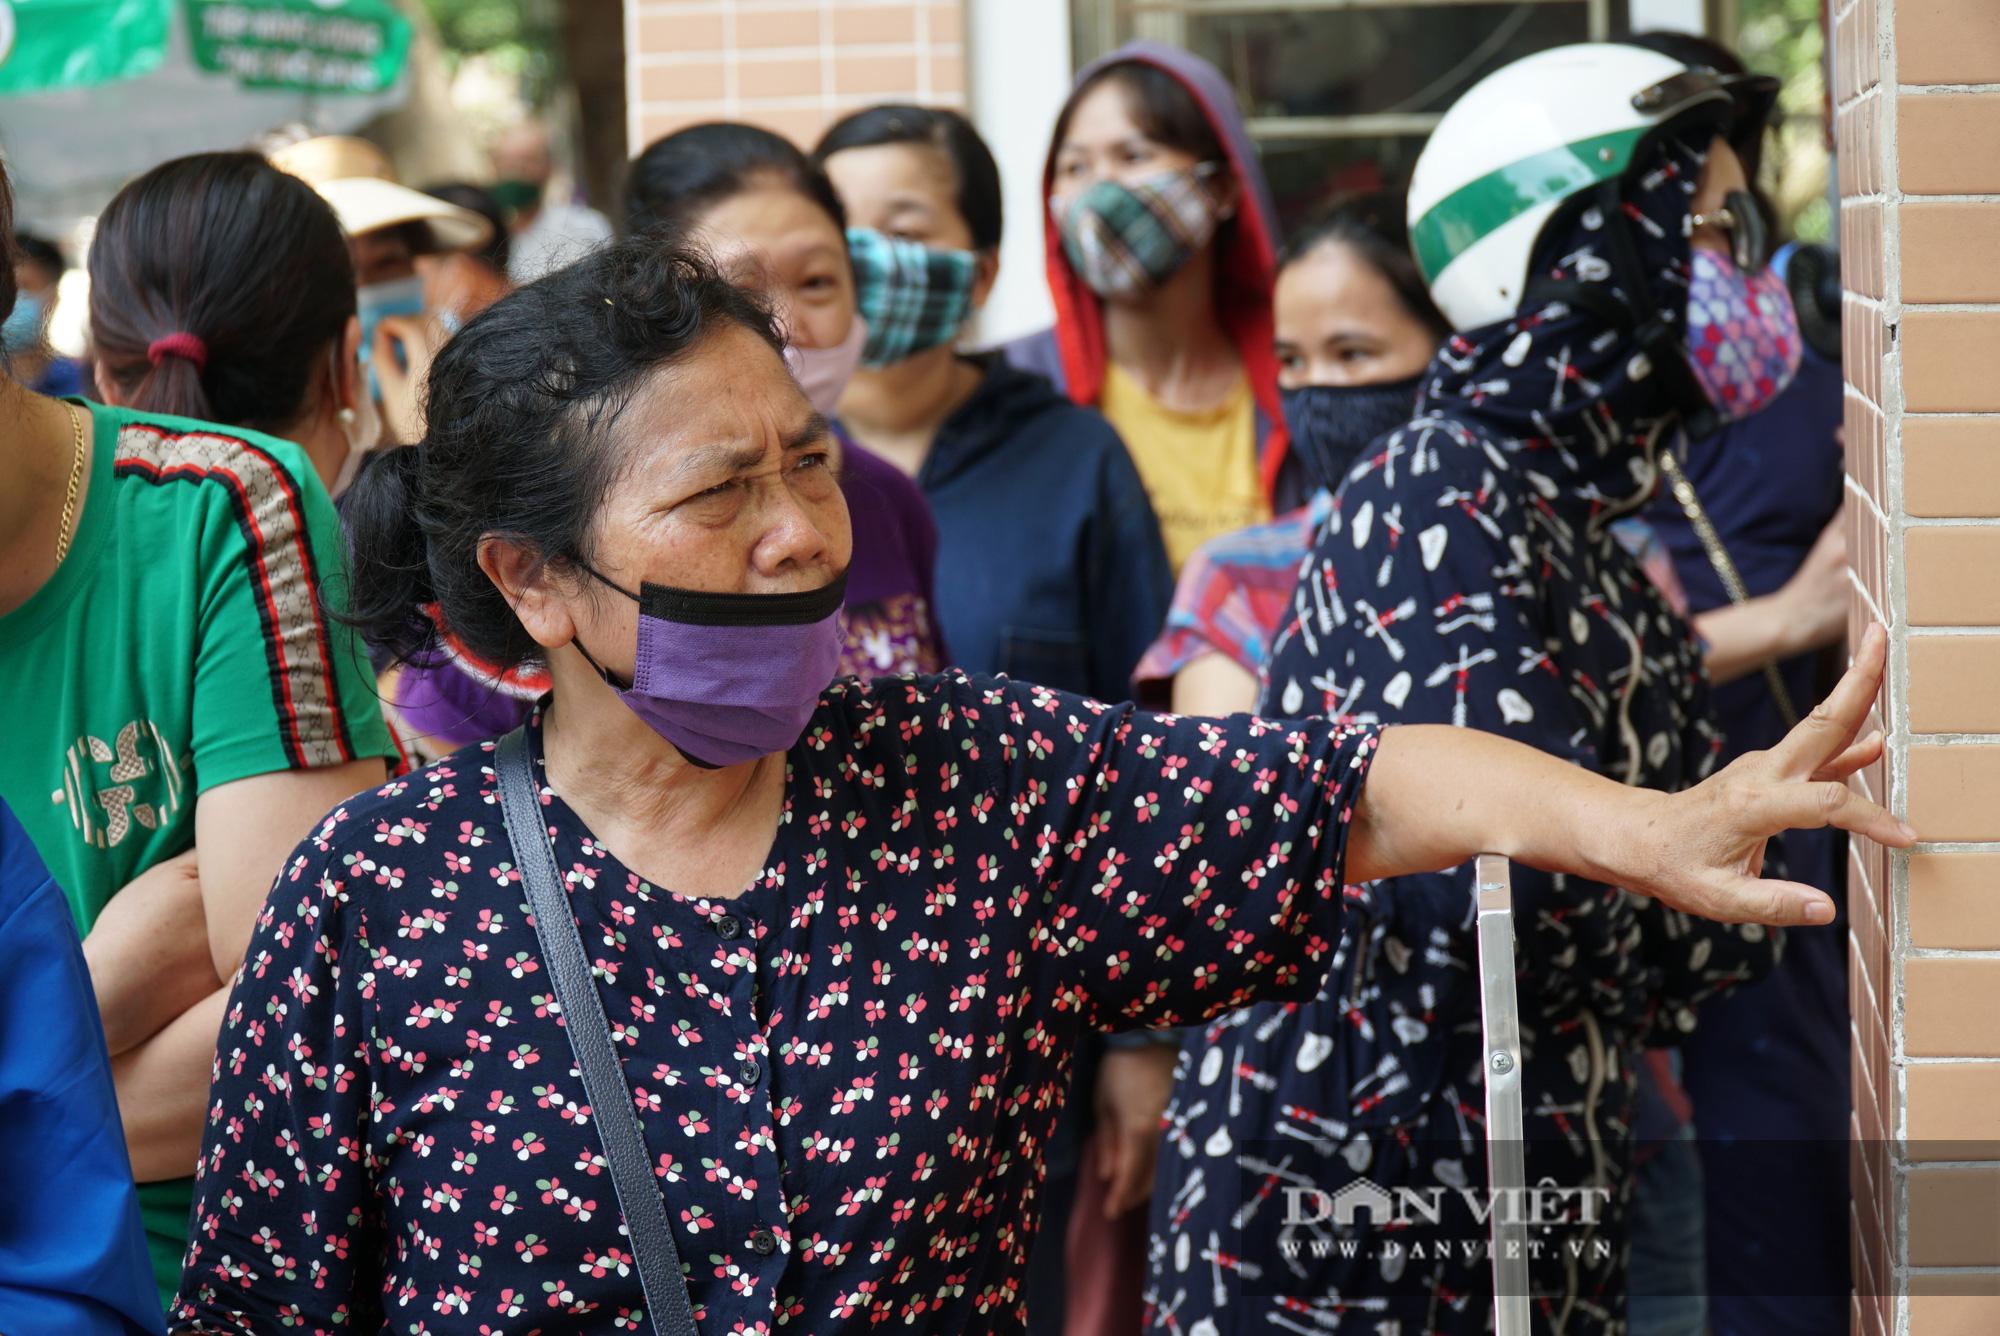 Thí sinh từ Đà Nẵng trở về cảm thấy thoải mái khi thi 1 mình một phòng - Ảnh 11.